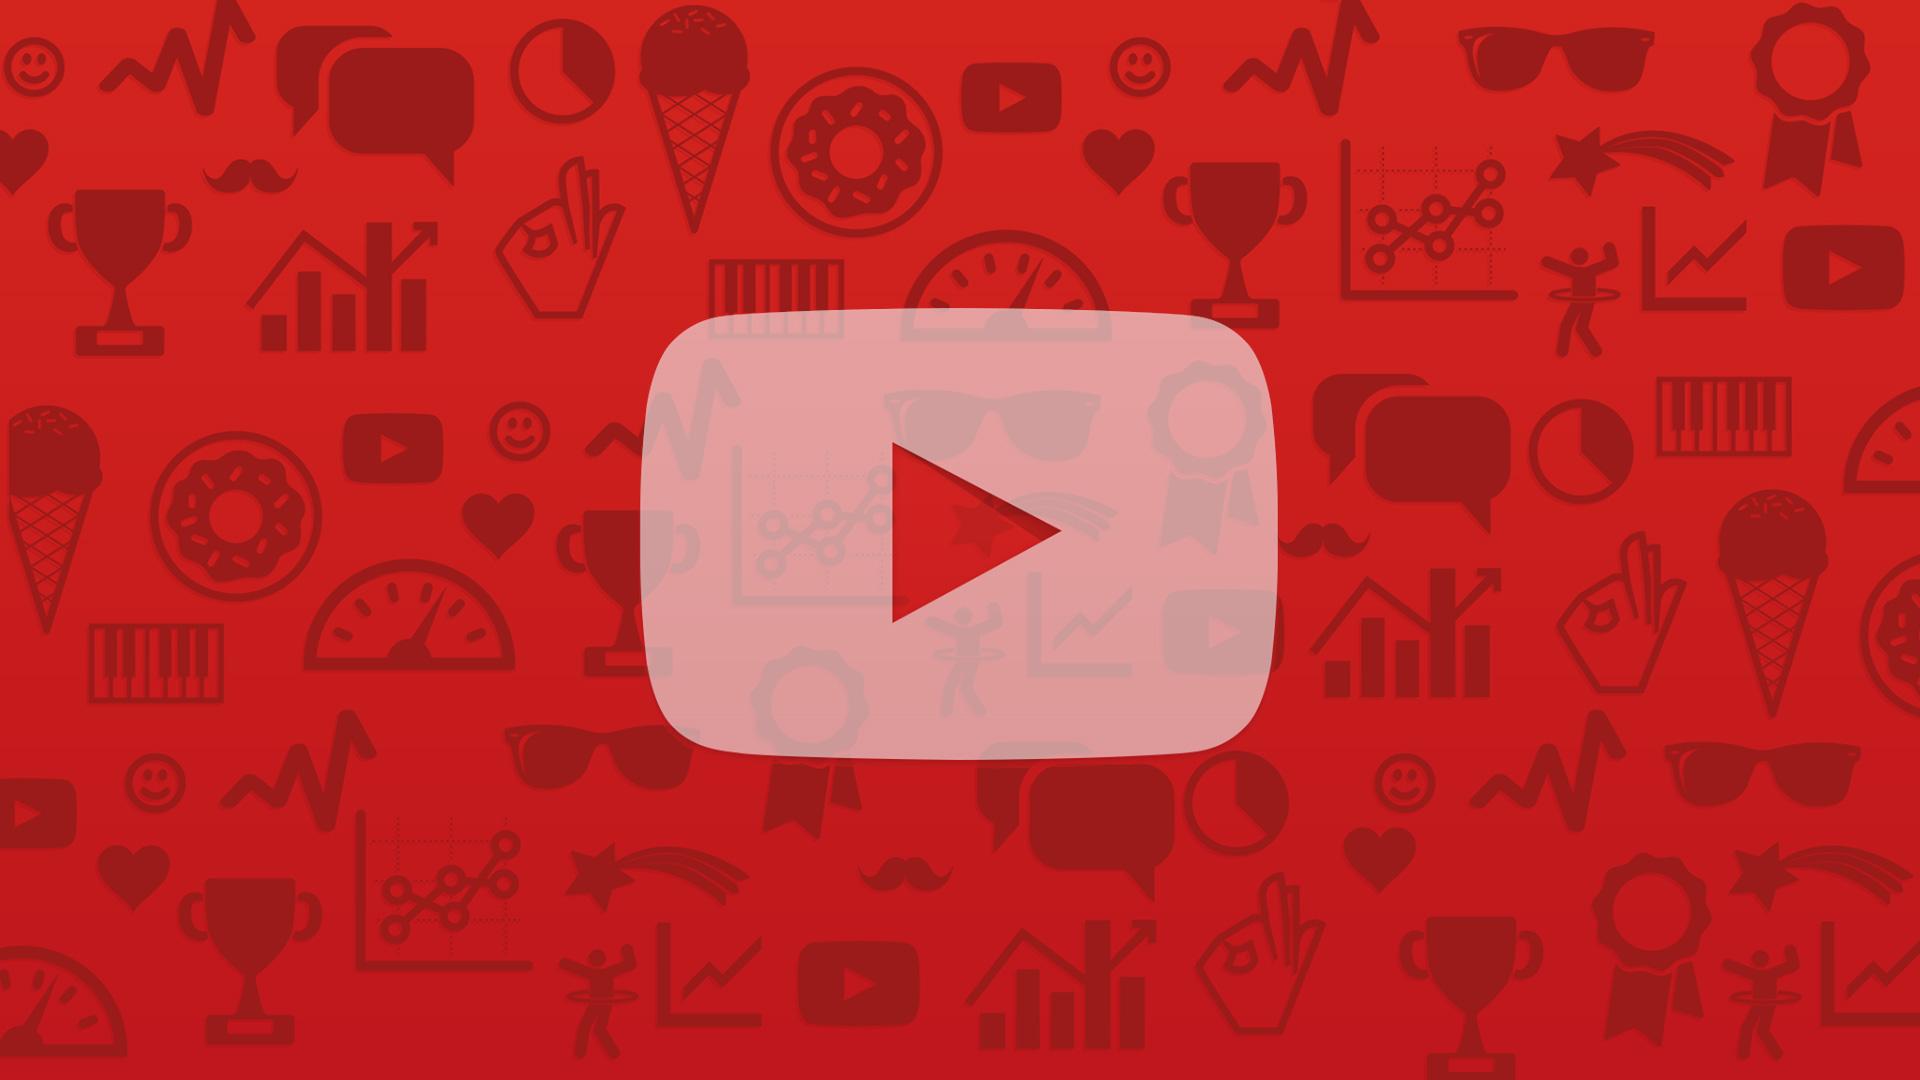 ¿YouTube puede eliminar tu cuenta si no le resultas comercialmente viable?